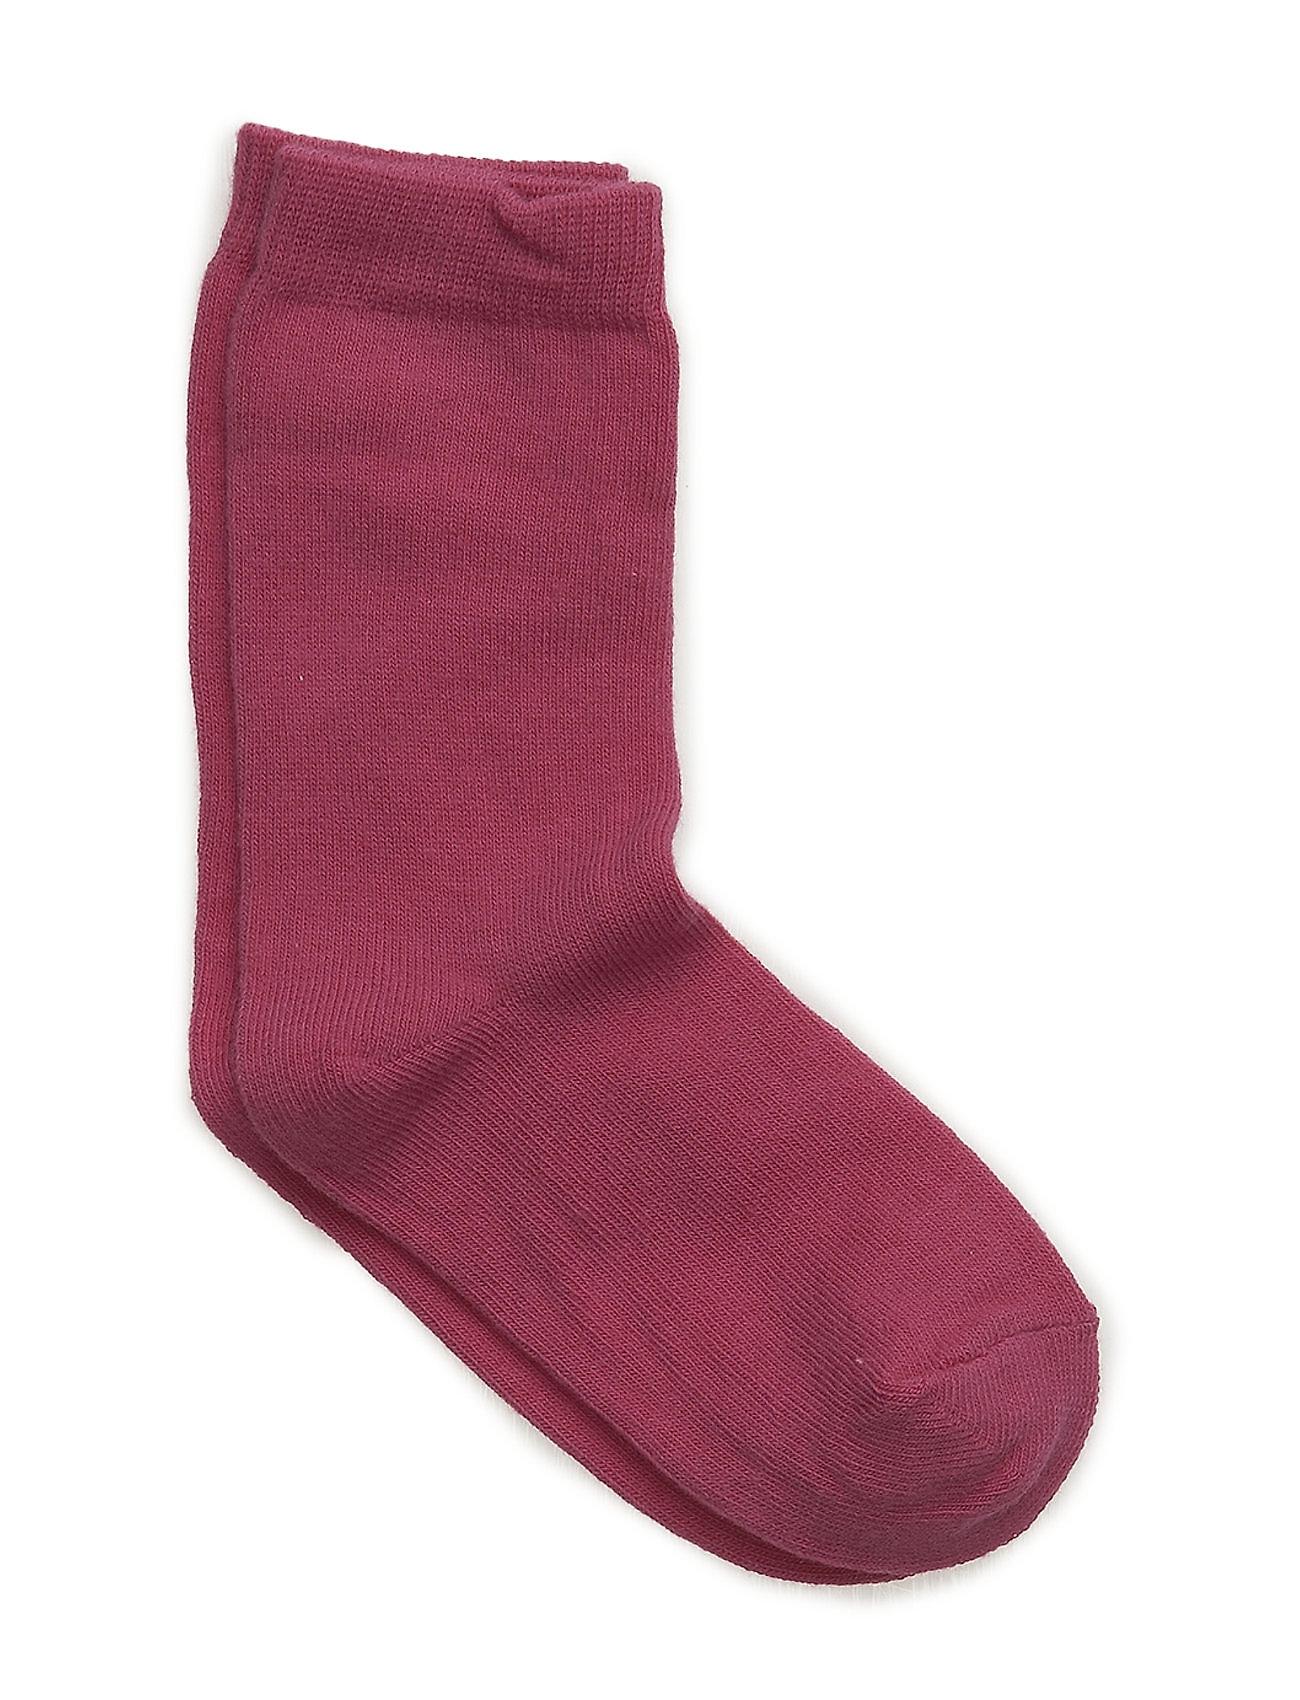 Melton Sock , plain colour - 525/PINK